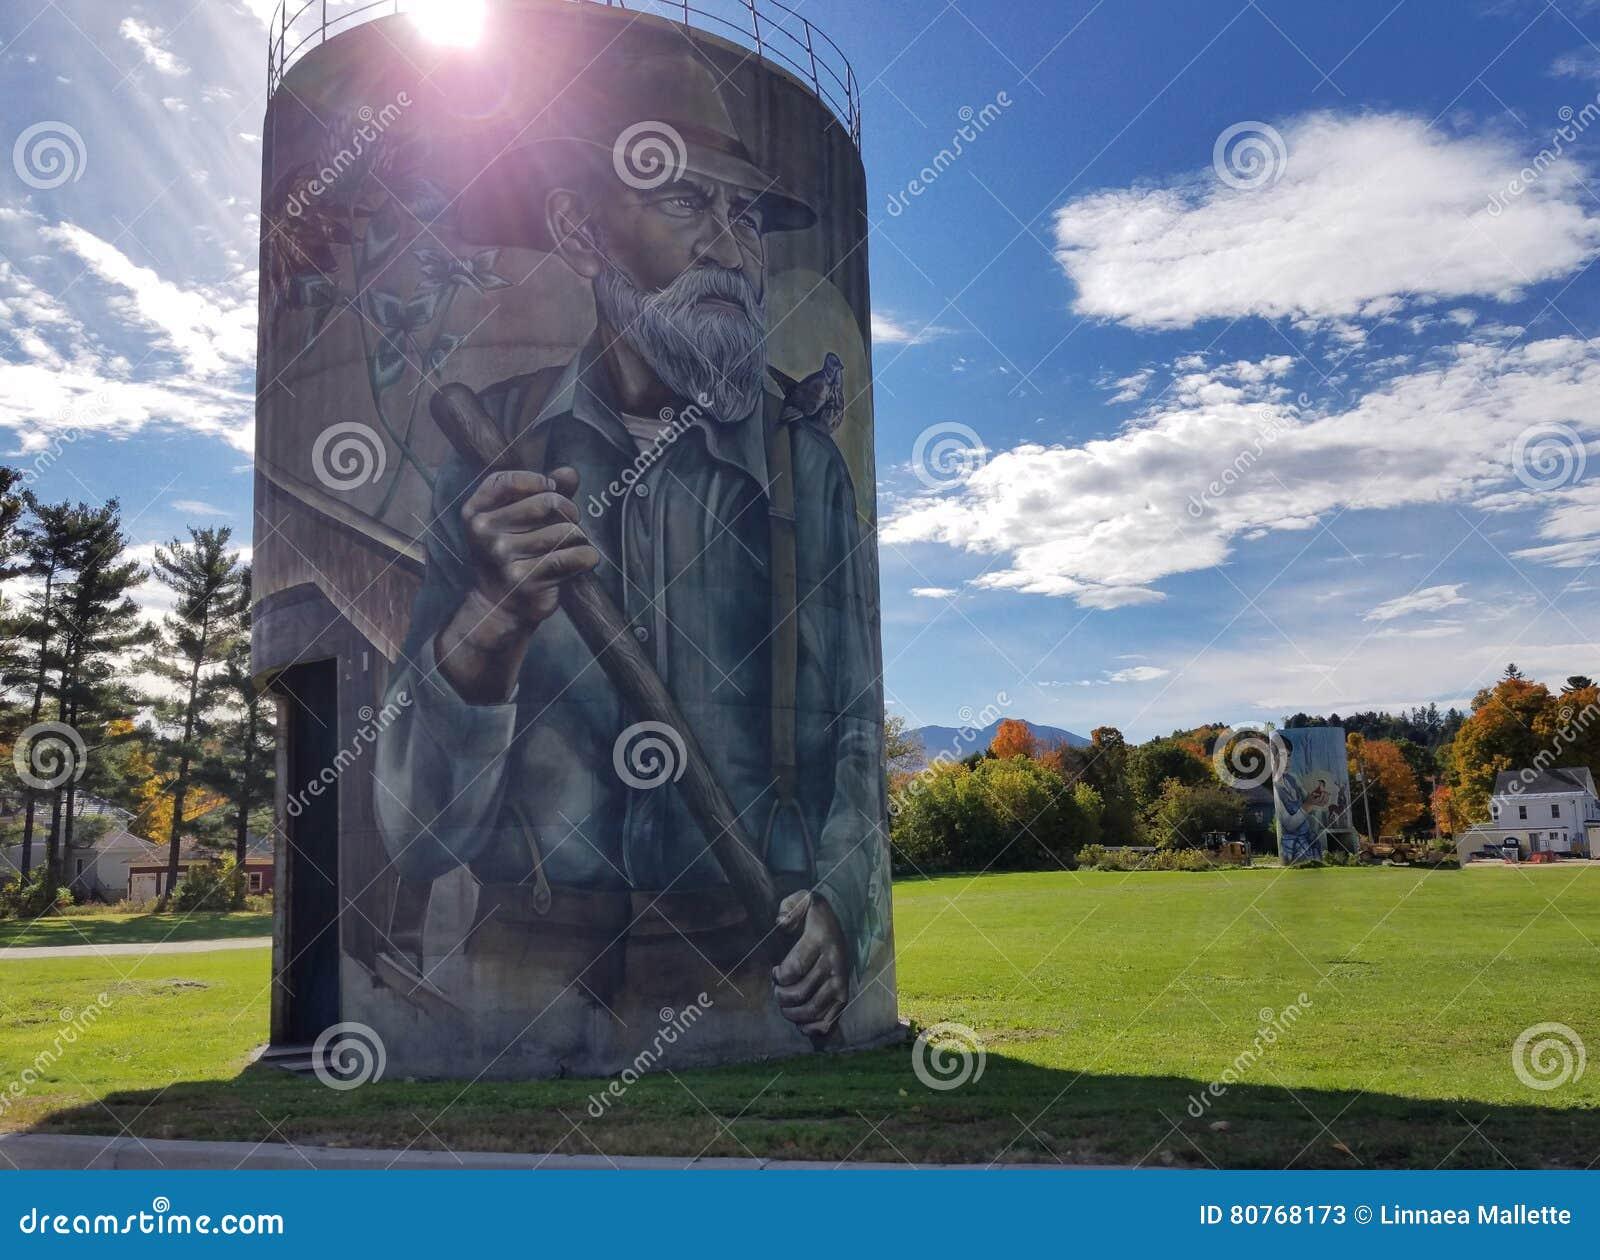 Murals on Silos in Jefferson, Vermont